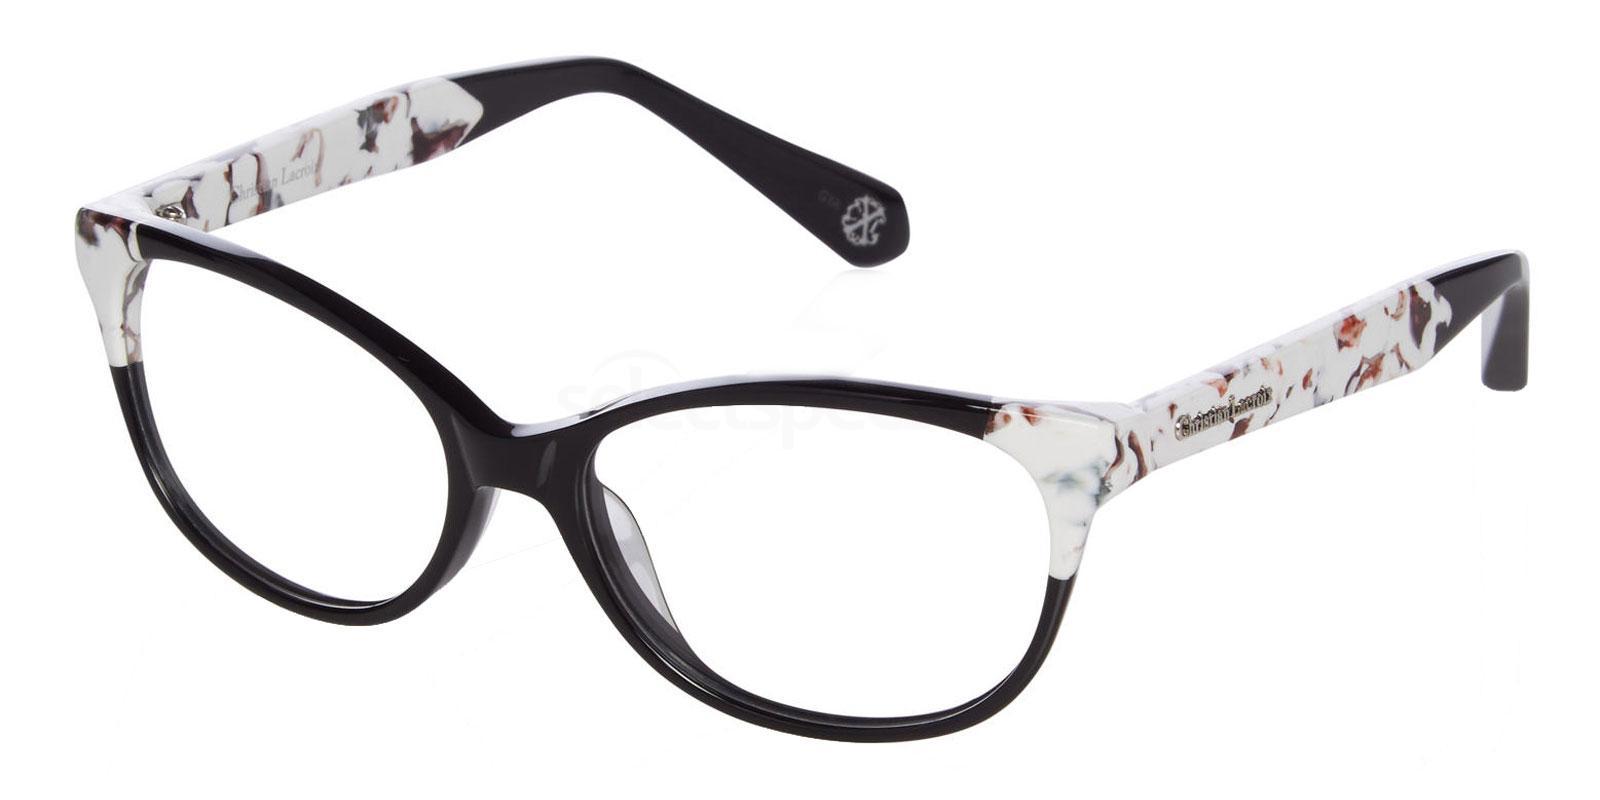 001 CL1063 Glasses, Christian Lacroix